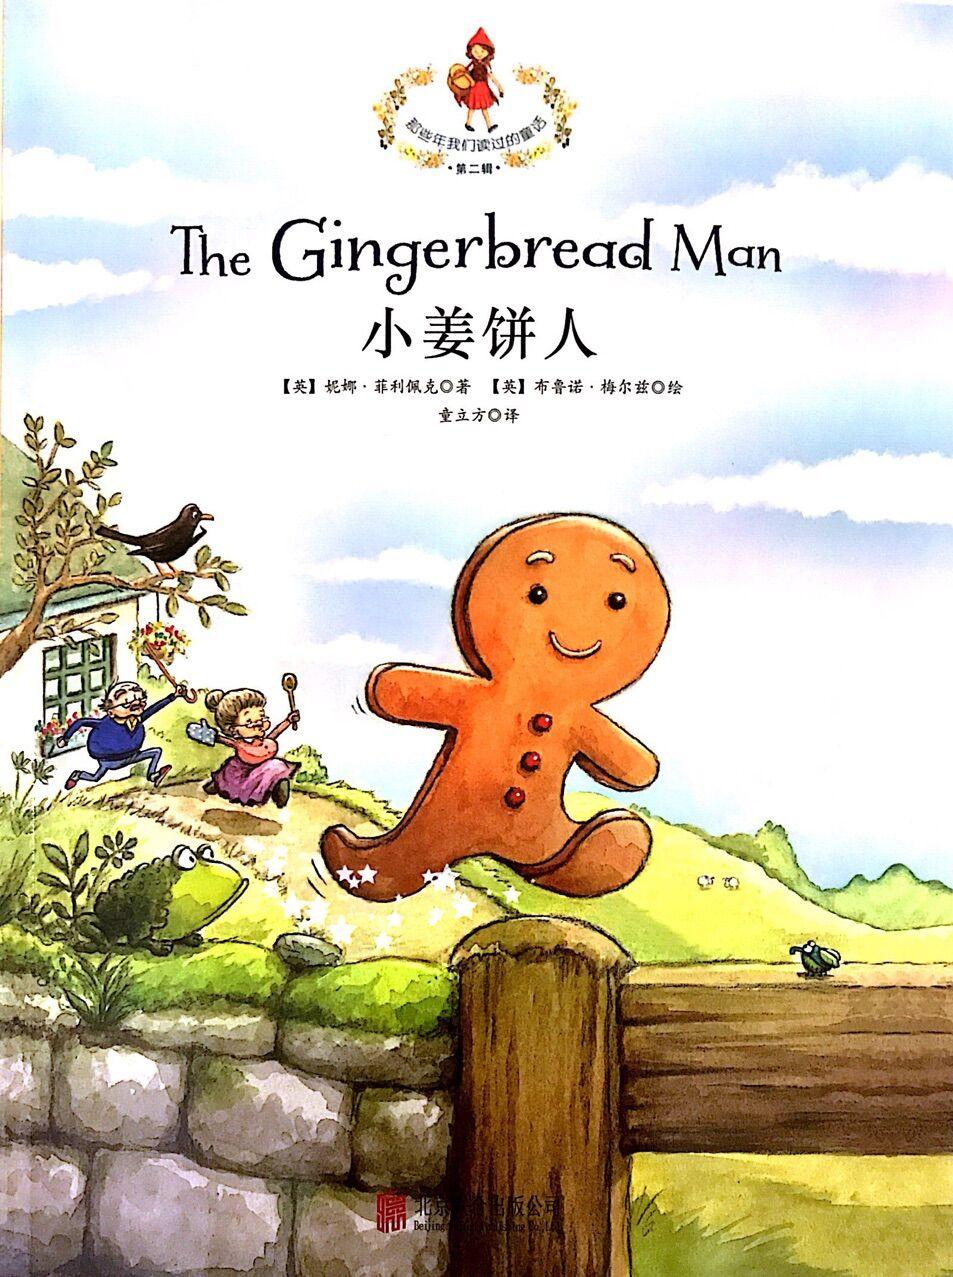 那些年我们读过的童话:小姜饼人